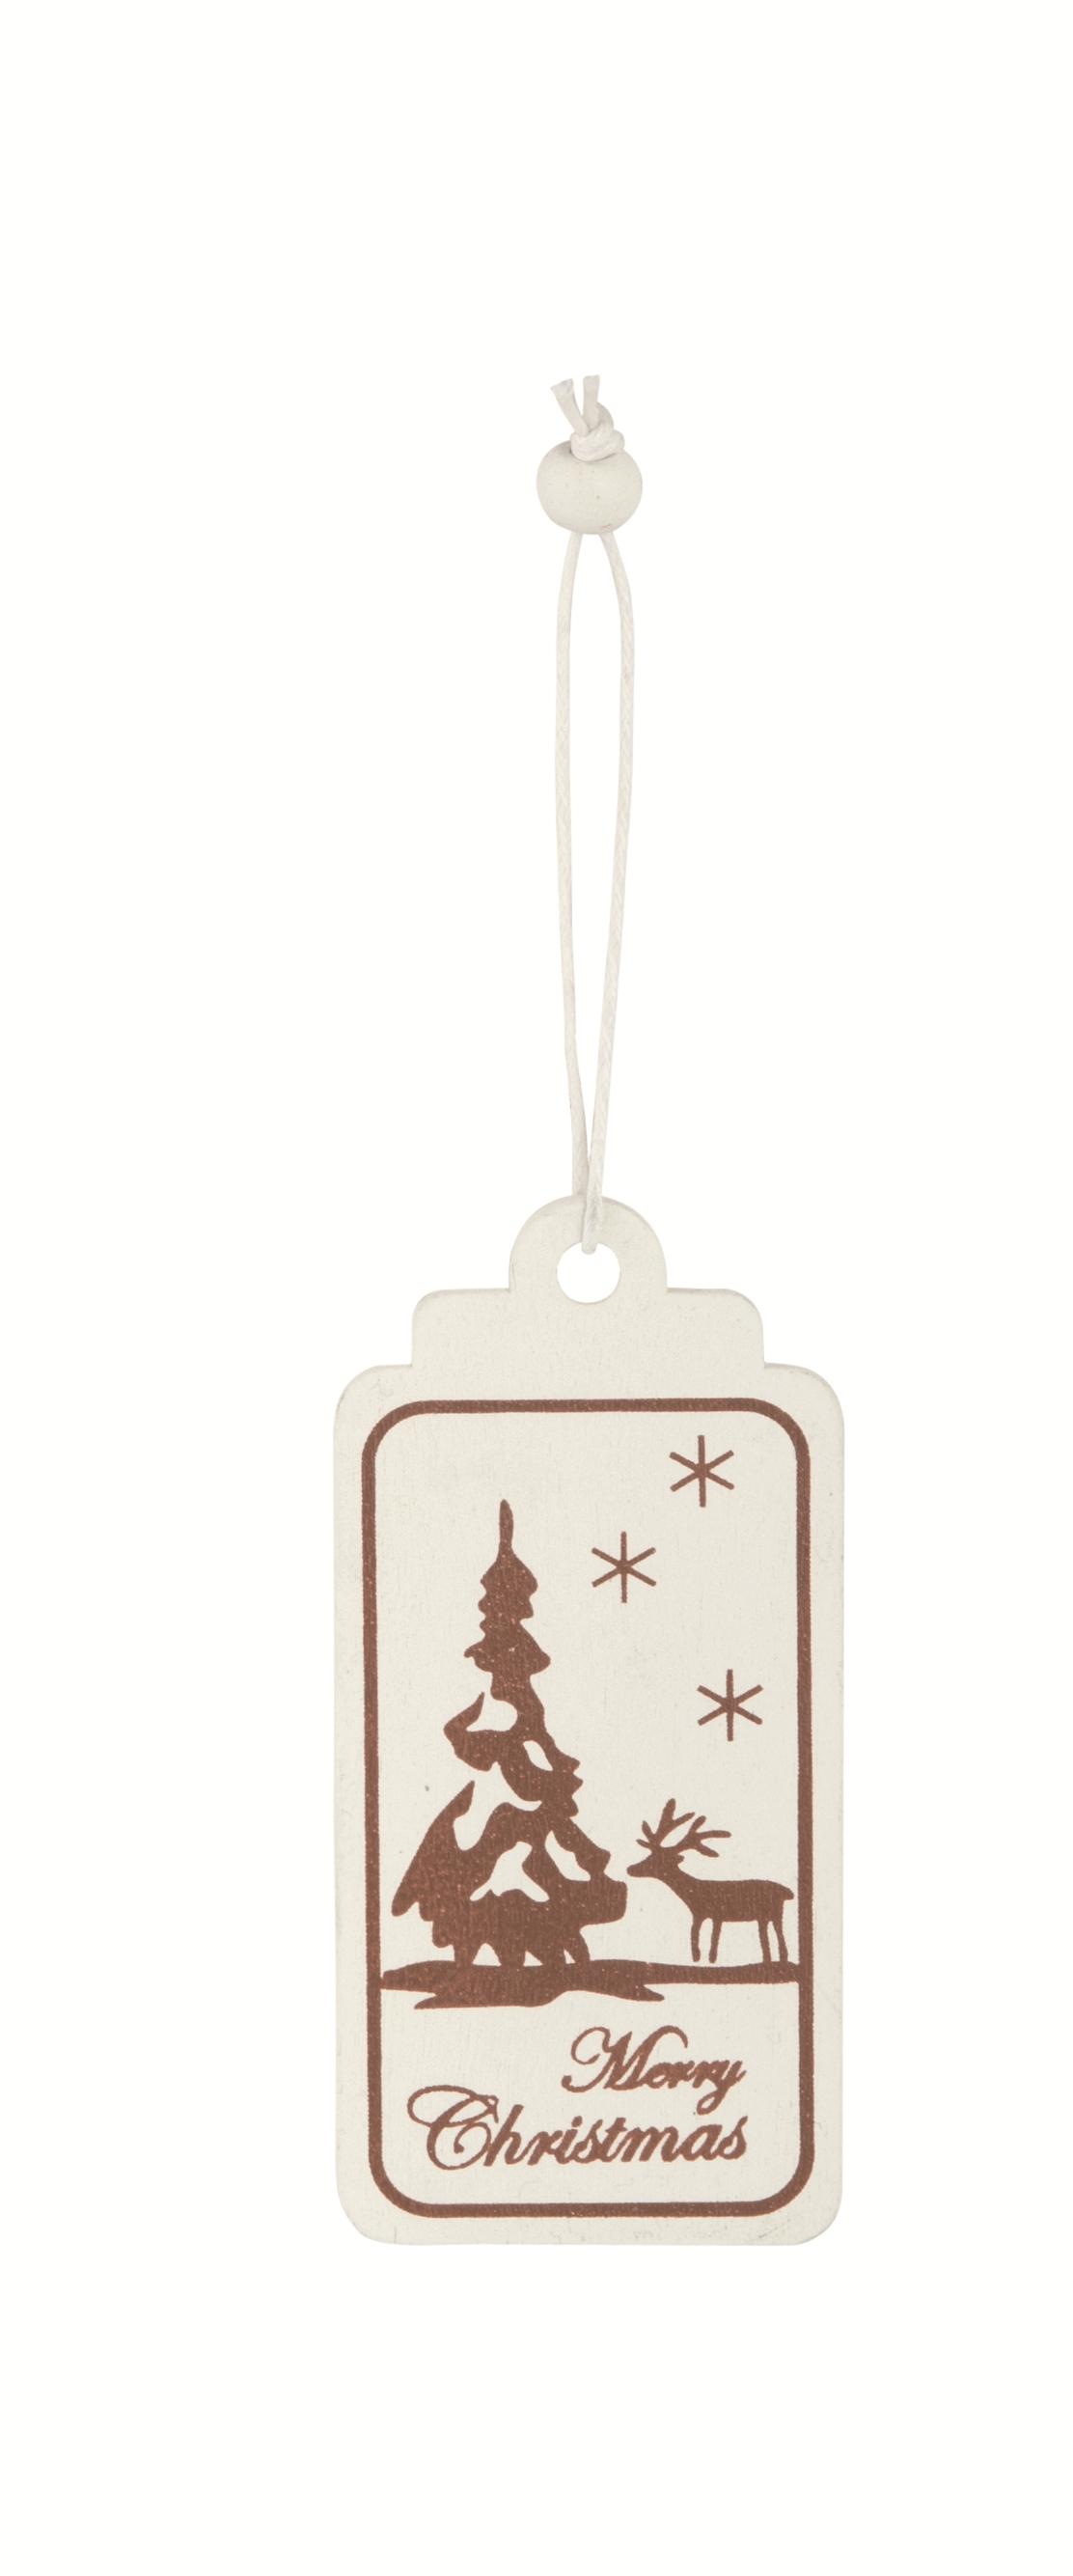 Merry Christmas Image.Etiketės Dekoracijos Merry Christmas 6 Vnt